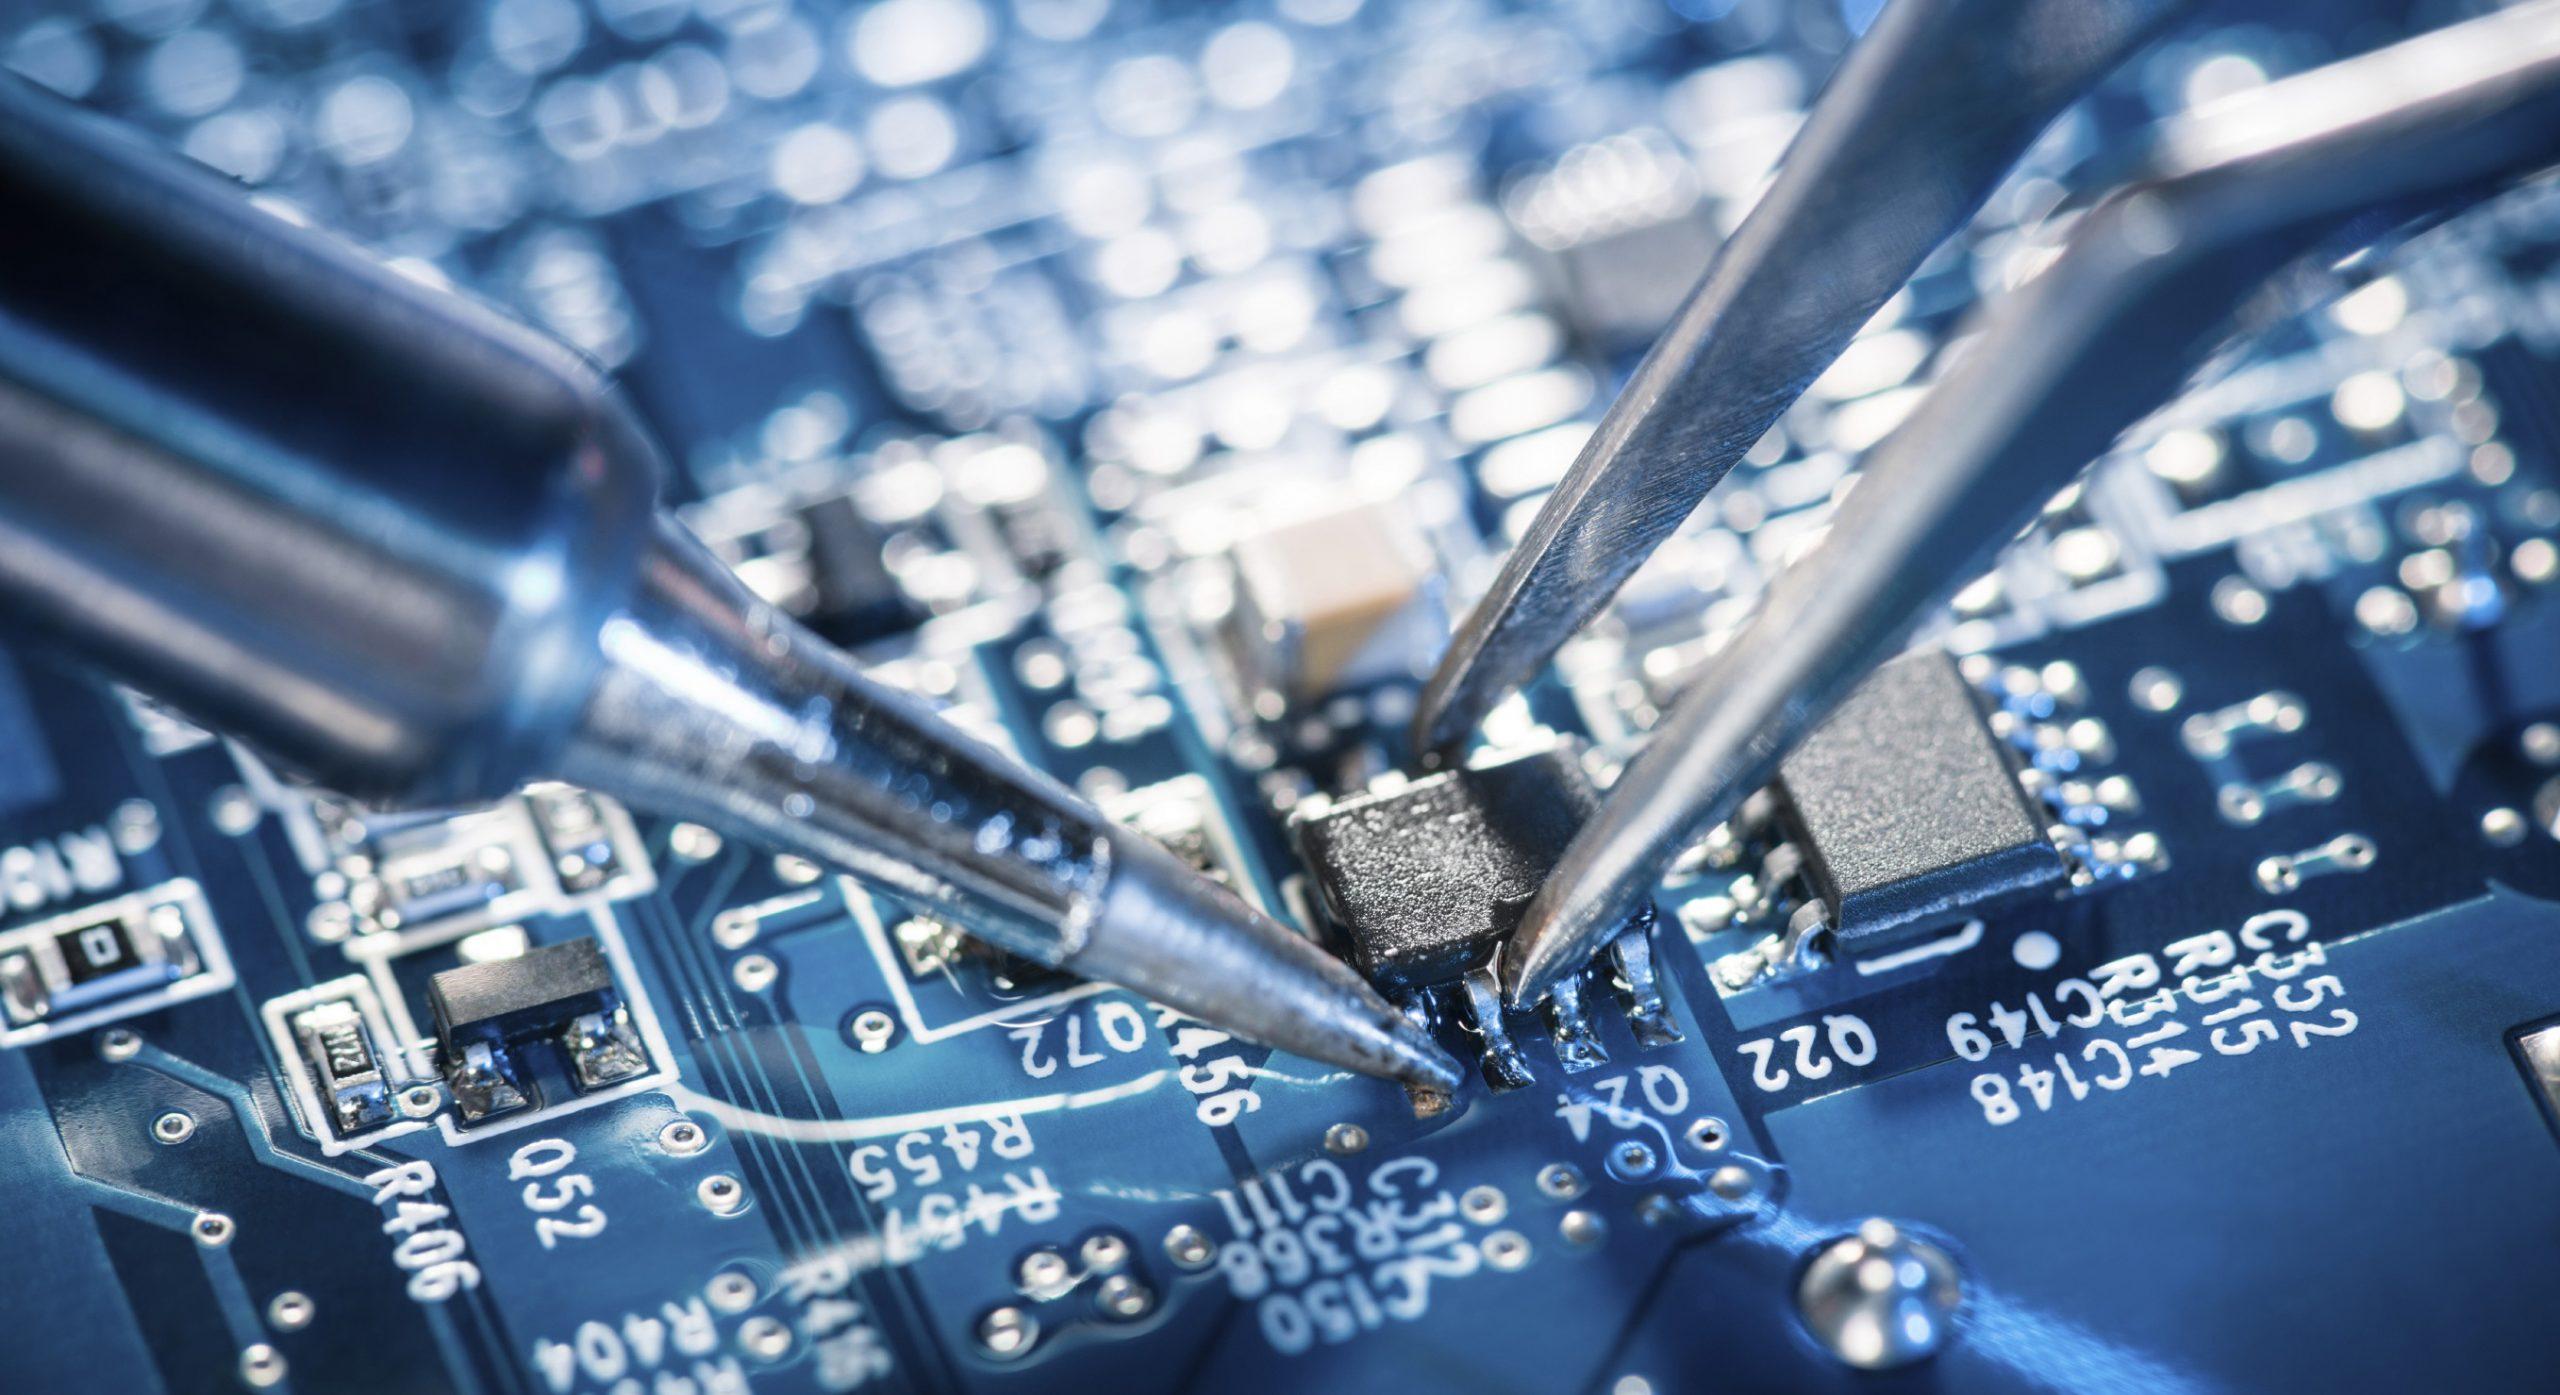 Công nghiệp điện tử Việt Nam là ngành có nhiều tiềm năng thu hút vốn đầu tư